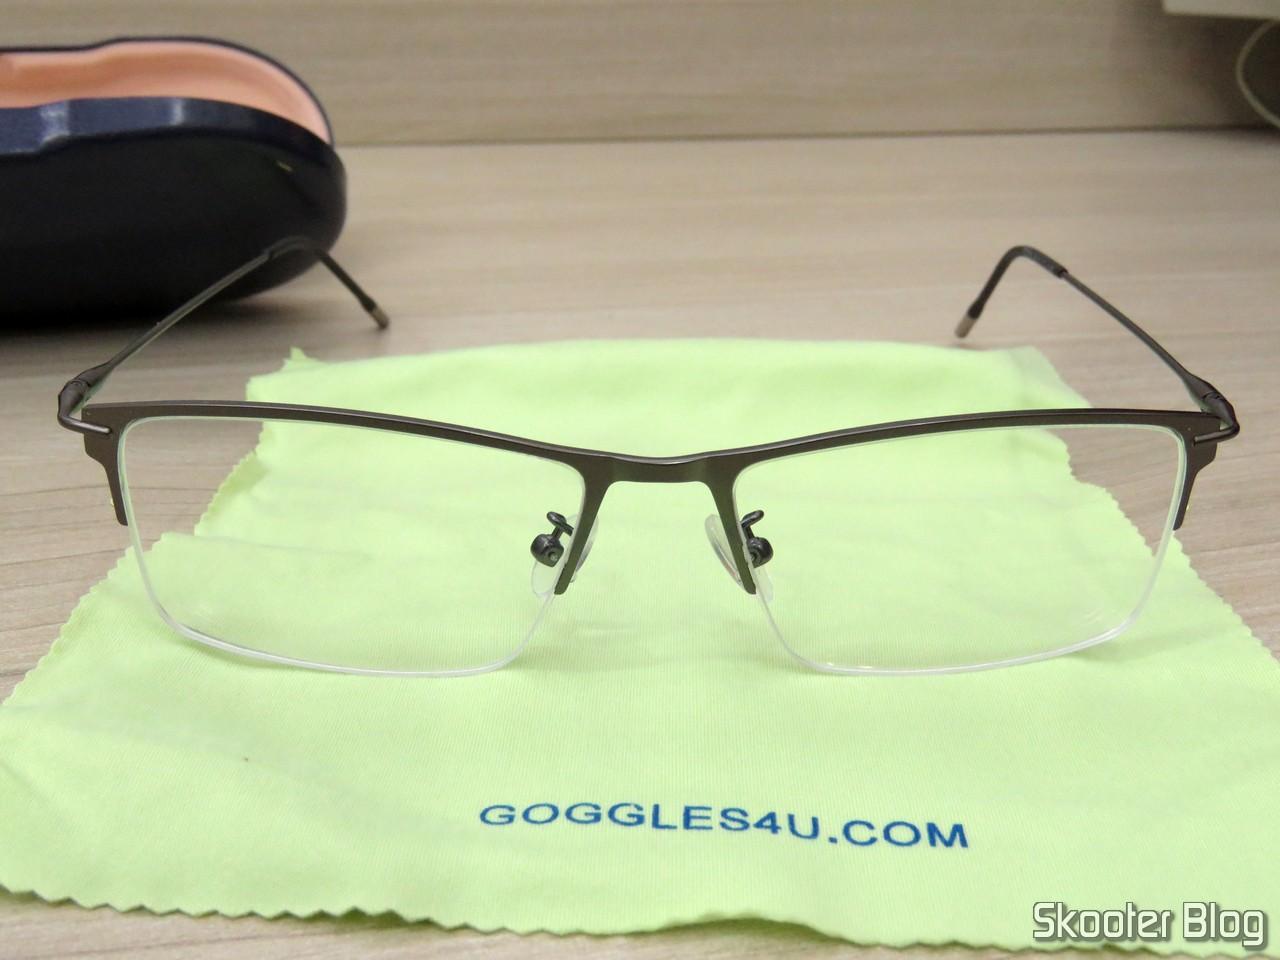 698518d12 Óculos de Grau com Lente 1.67 Super Fina (G4U Y3229 Rectangle Eyeglasses  124477-c